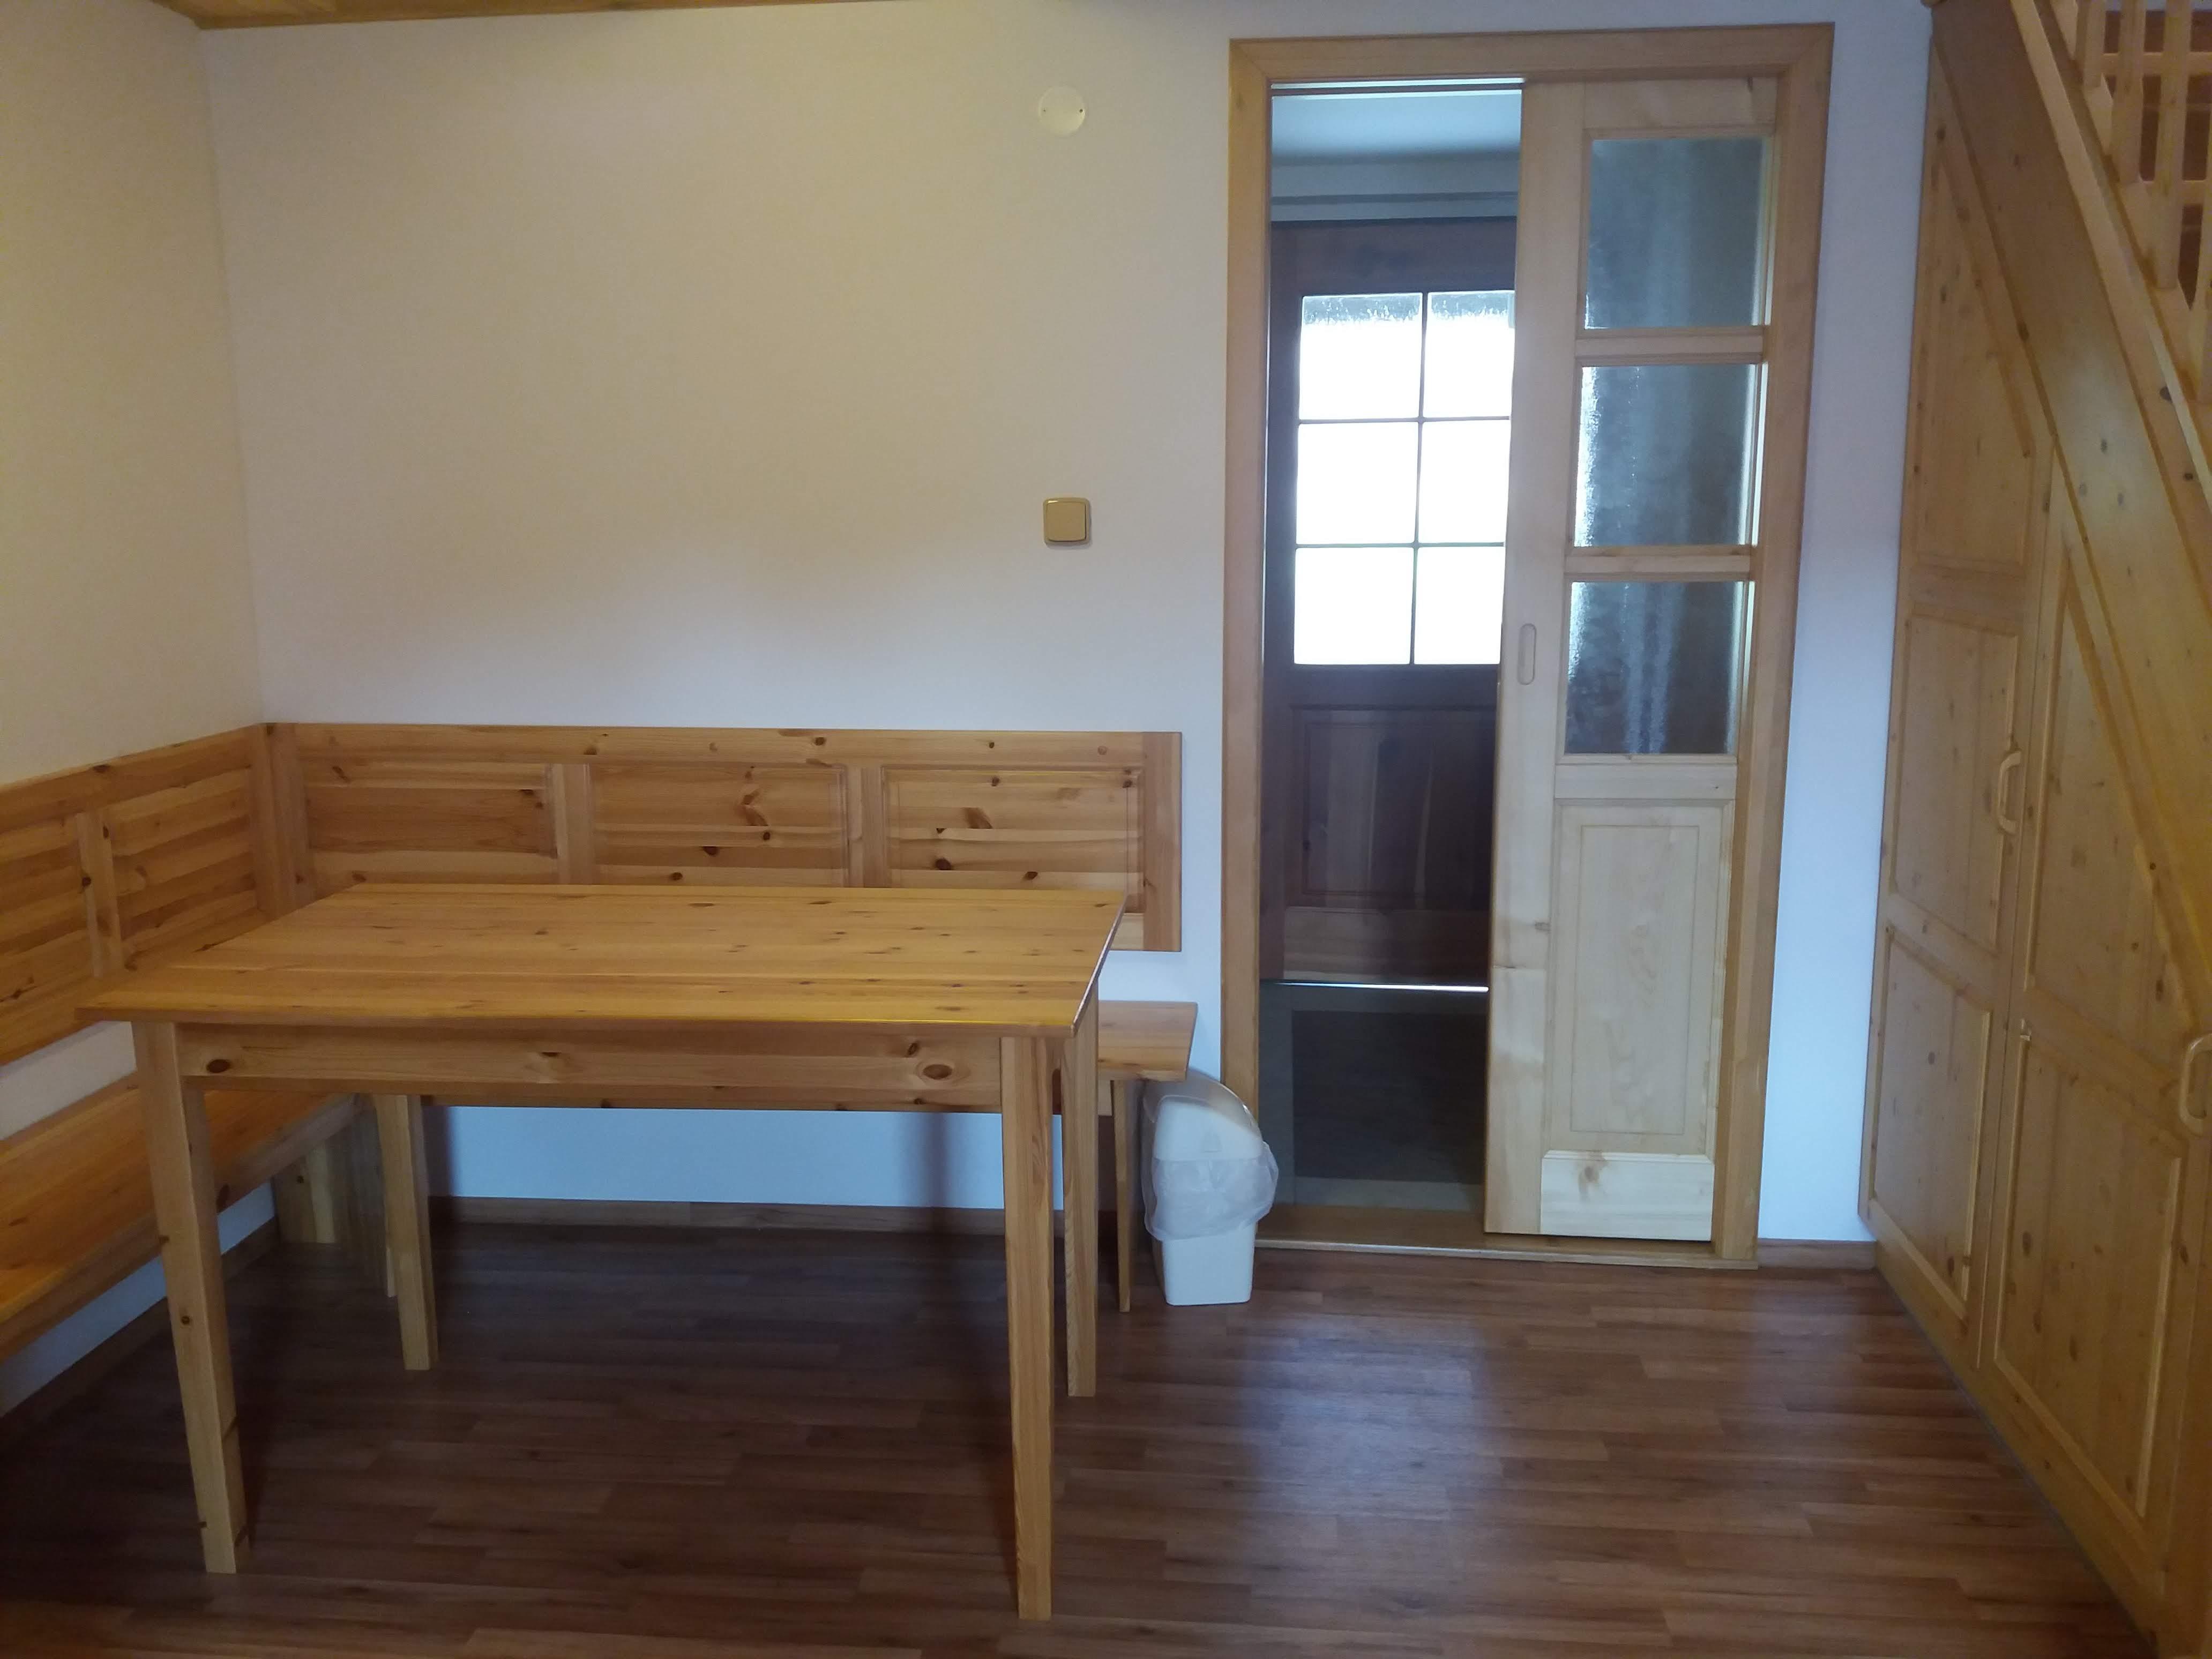 Jídelní stůl a posuvné dveře oddělující kuchyňský kout